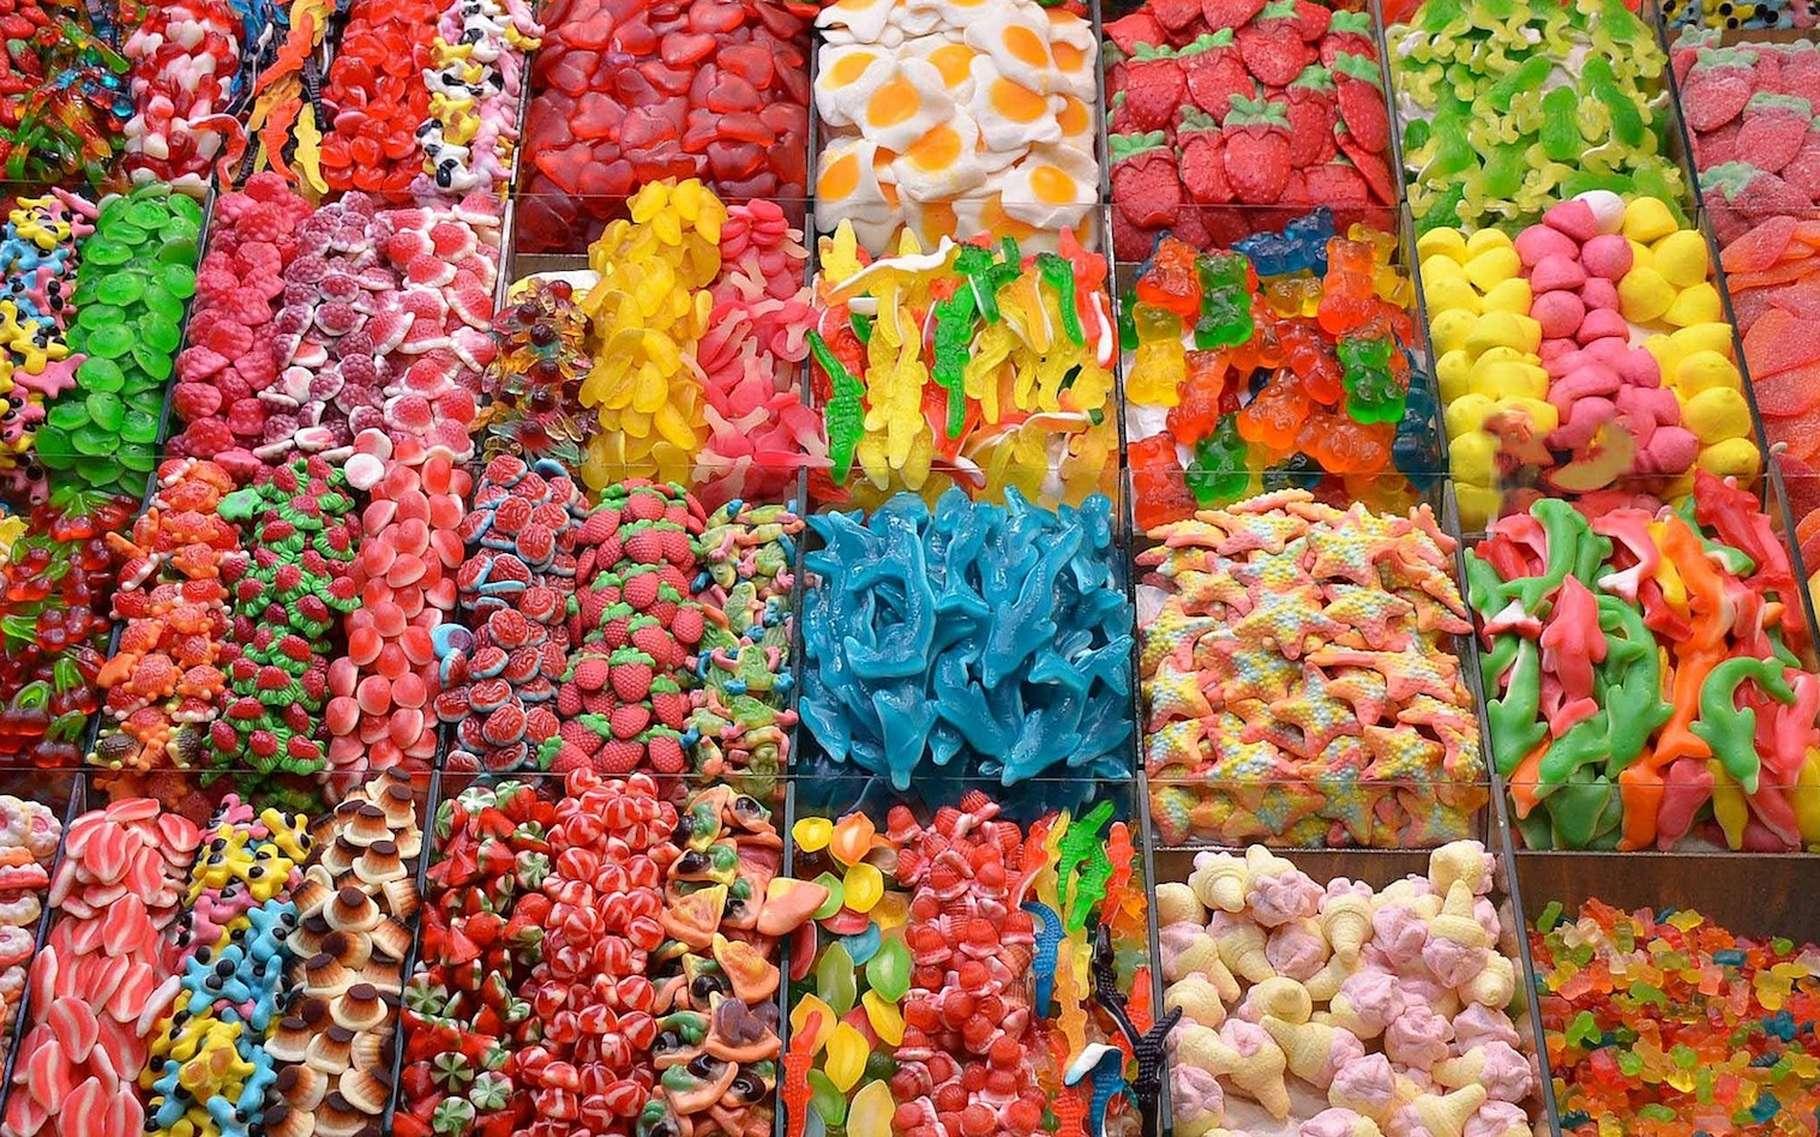 On trouve toujours du dioxyde de titane dans les bonbons. Et selon une étude, ce colorant connu aussi sous le nom de E171 pourrait provoquer des diabètes de type 2. © Pixelia, Pixabay, CC0 Creative Commons